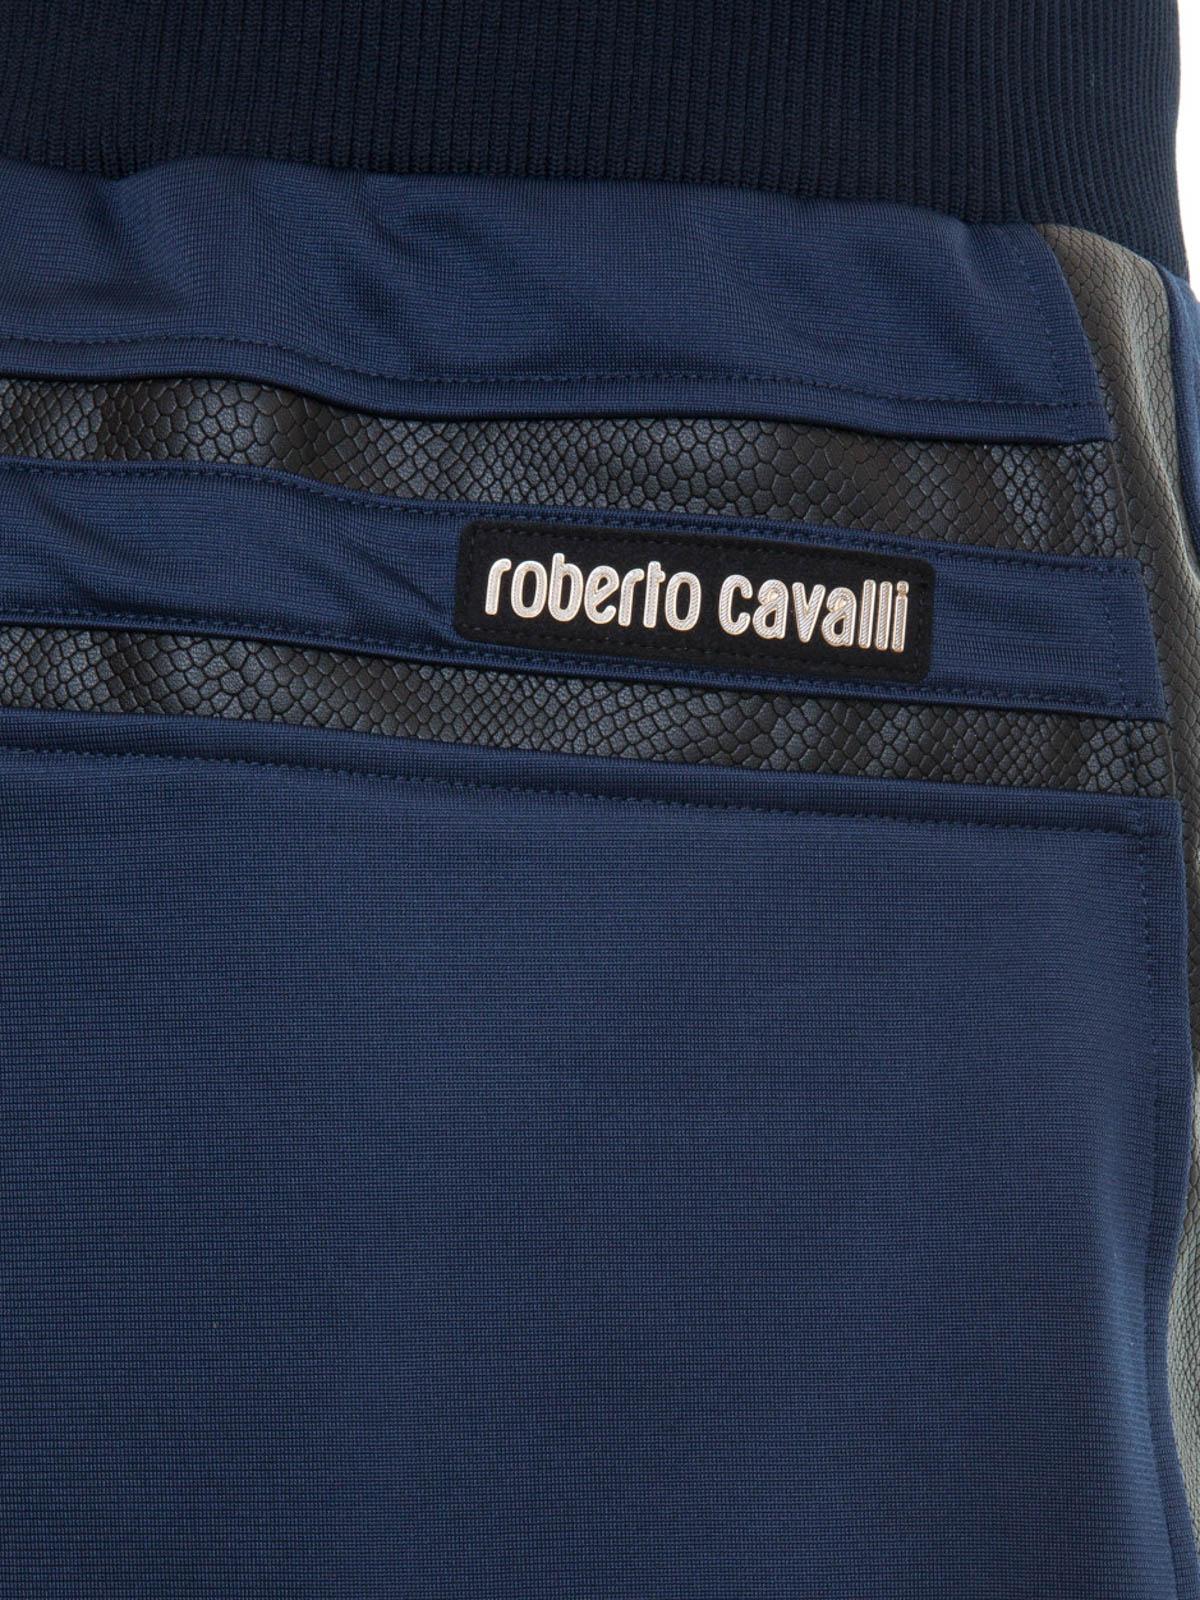 a9ec6c6c0285 Roberto Cavalli - Pantalon De Survêtement Bleu - Pantalons de ...